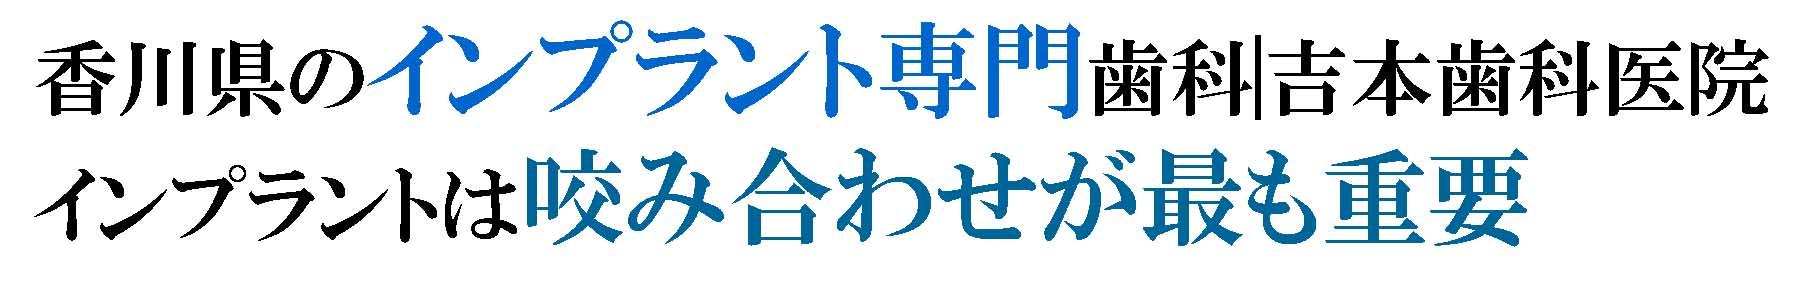 合わない入れ歯、噛めないブリッジでお悩みなら|香川県高松市の咬み合わせ専門歯科の吉本歯科医院